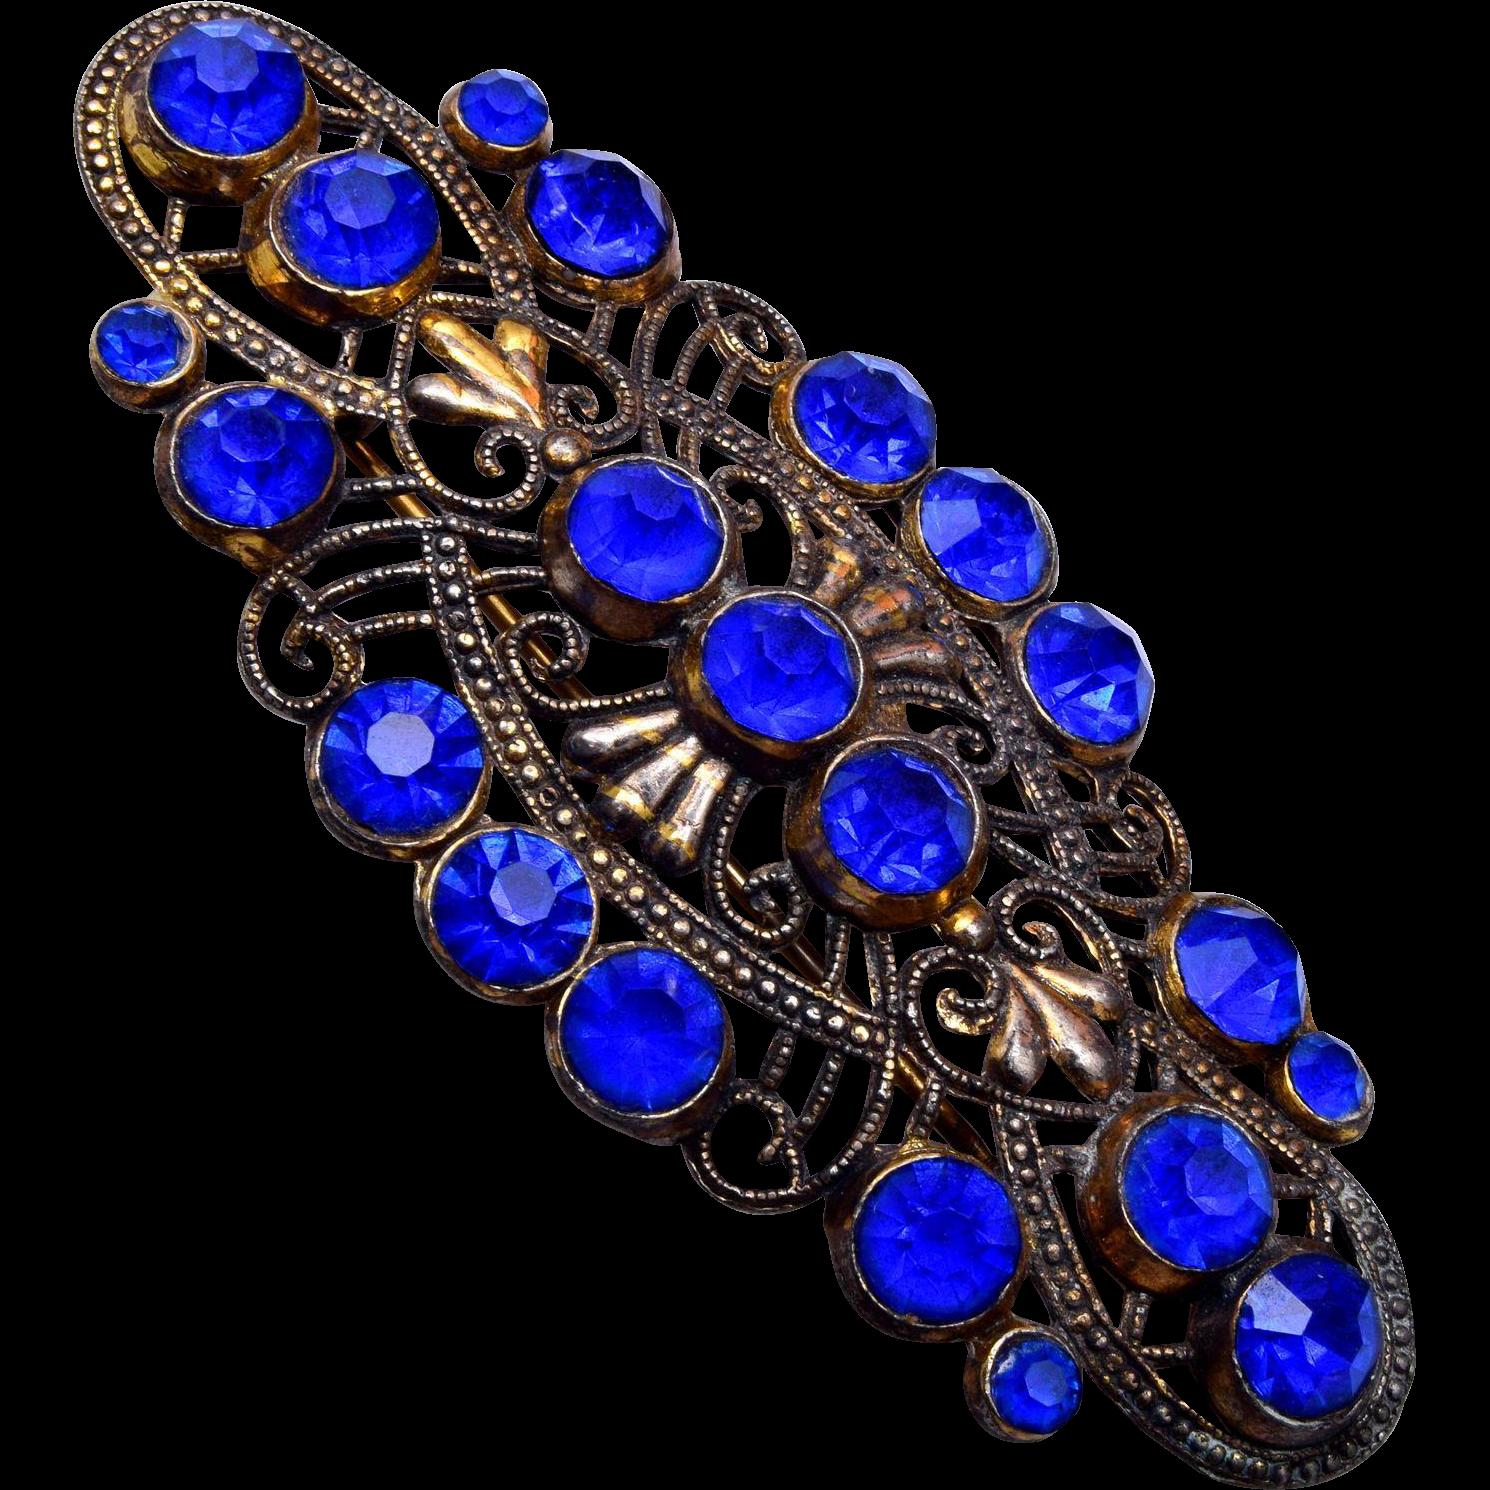 Blue Czech Brooch